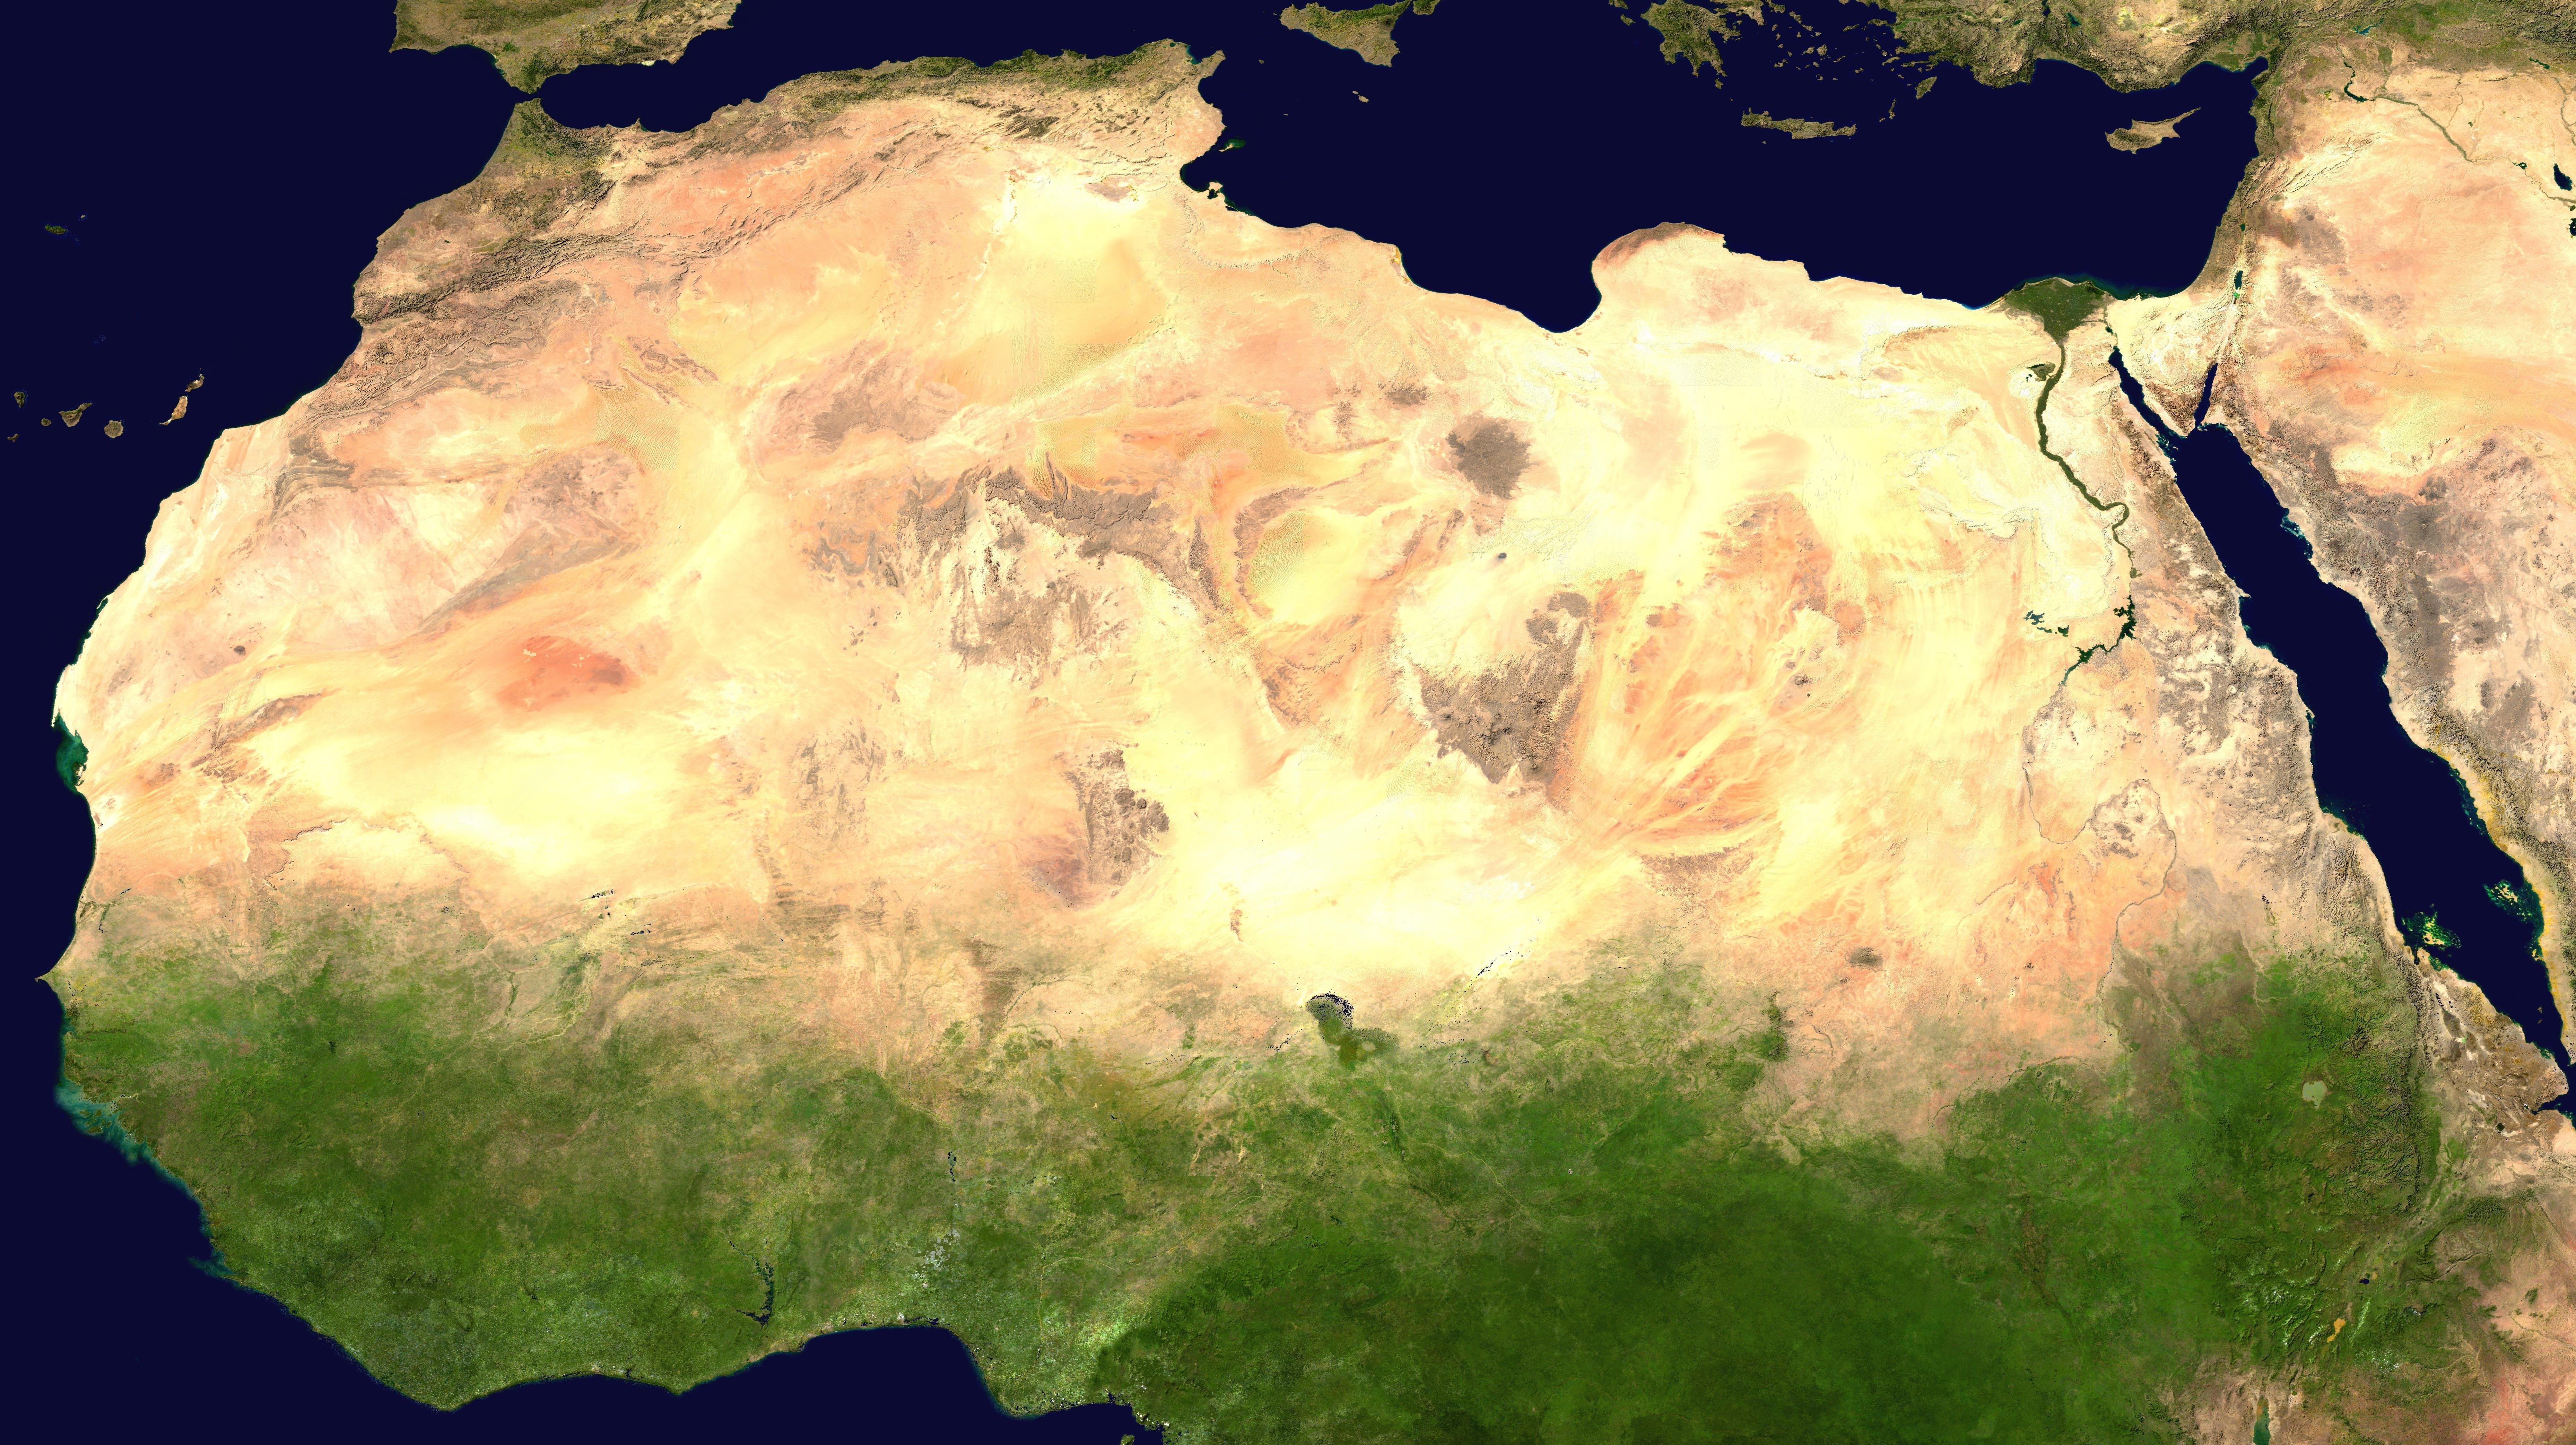 Пустыня Сахара - один из крупнейших регионов Земли. Ее преобразование с помощью солнечных и ветровых энергетических установок могло бы повлиять на весь мир / Wikimedia Commons